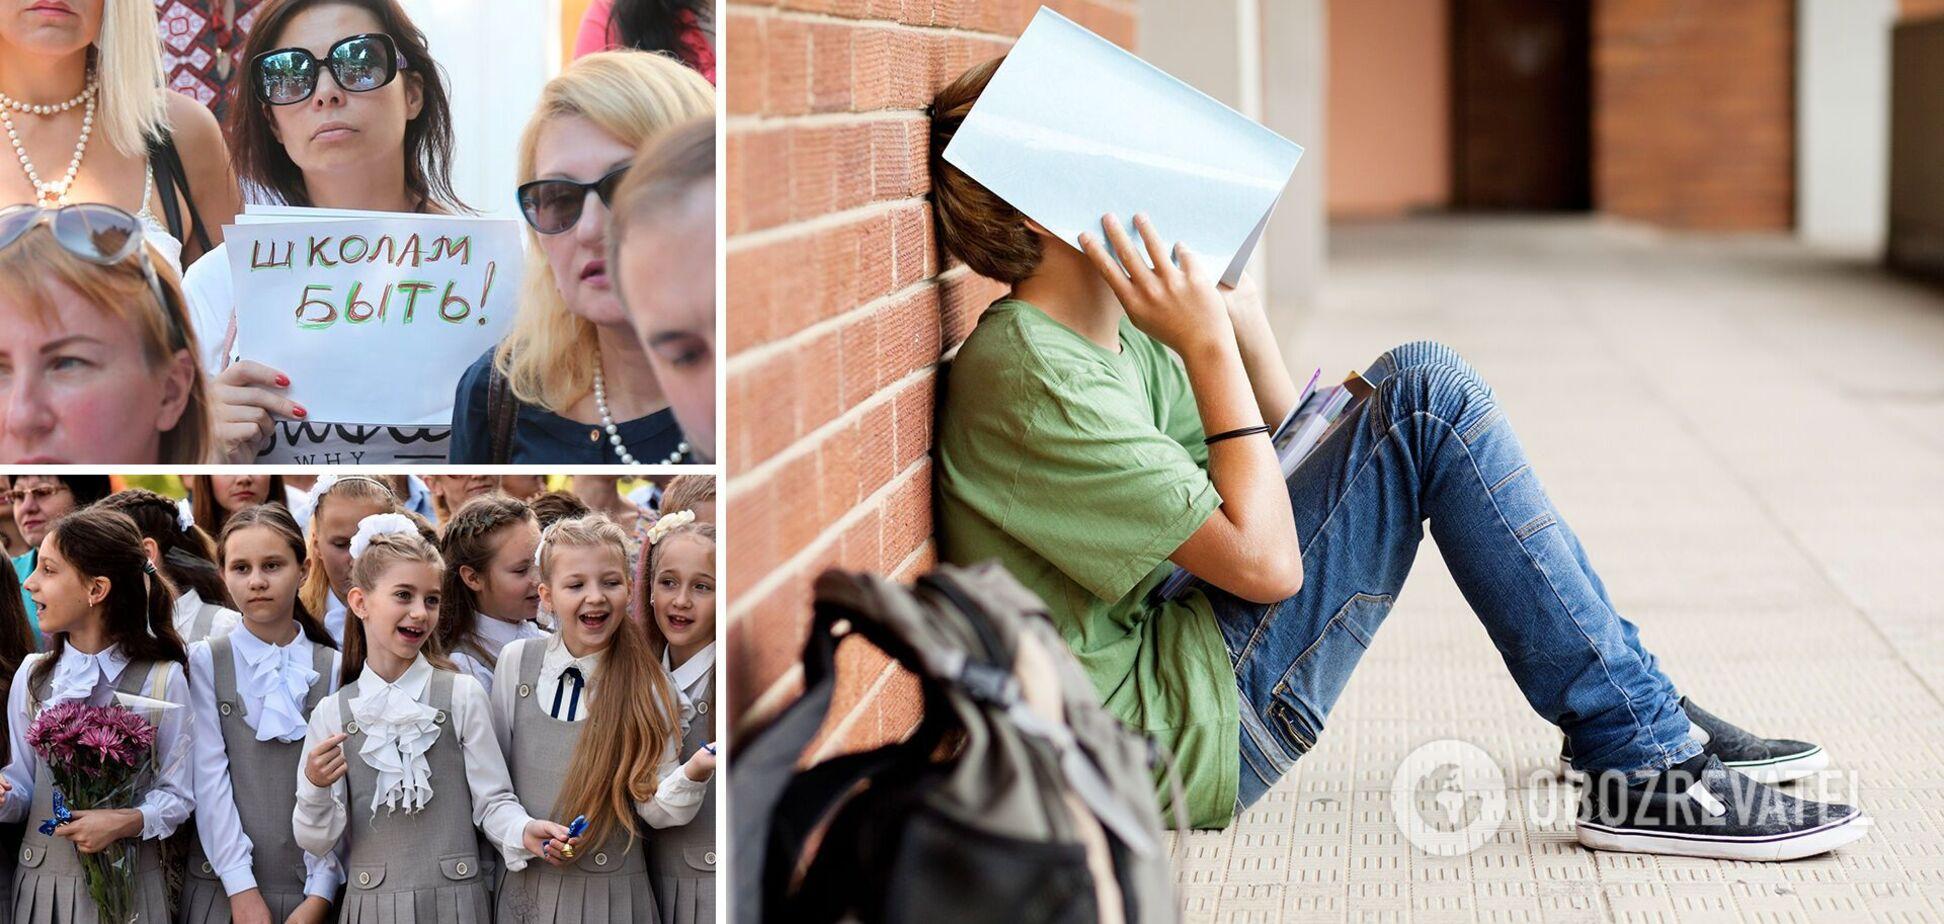 У школі старших класів більше не буде: що чекає на учнів і чому батьки обурені реформою